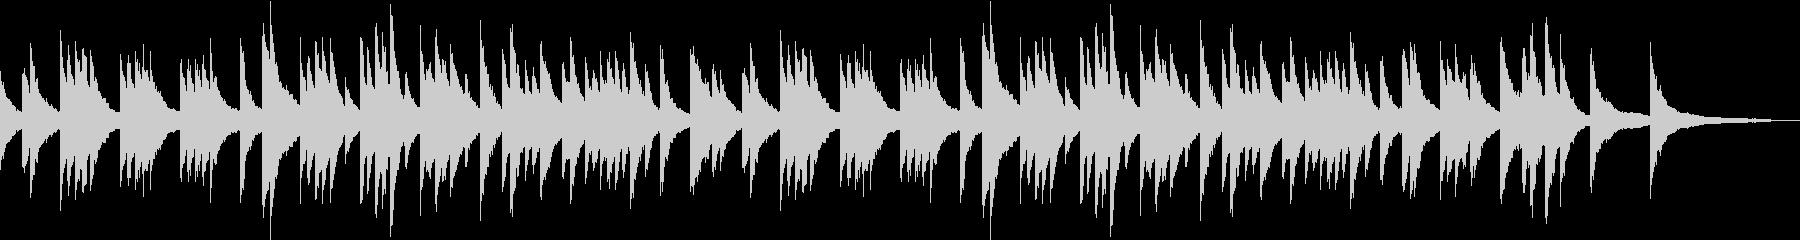 低音の響きを生かした懐しいピアノBGMの未再生の波形